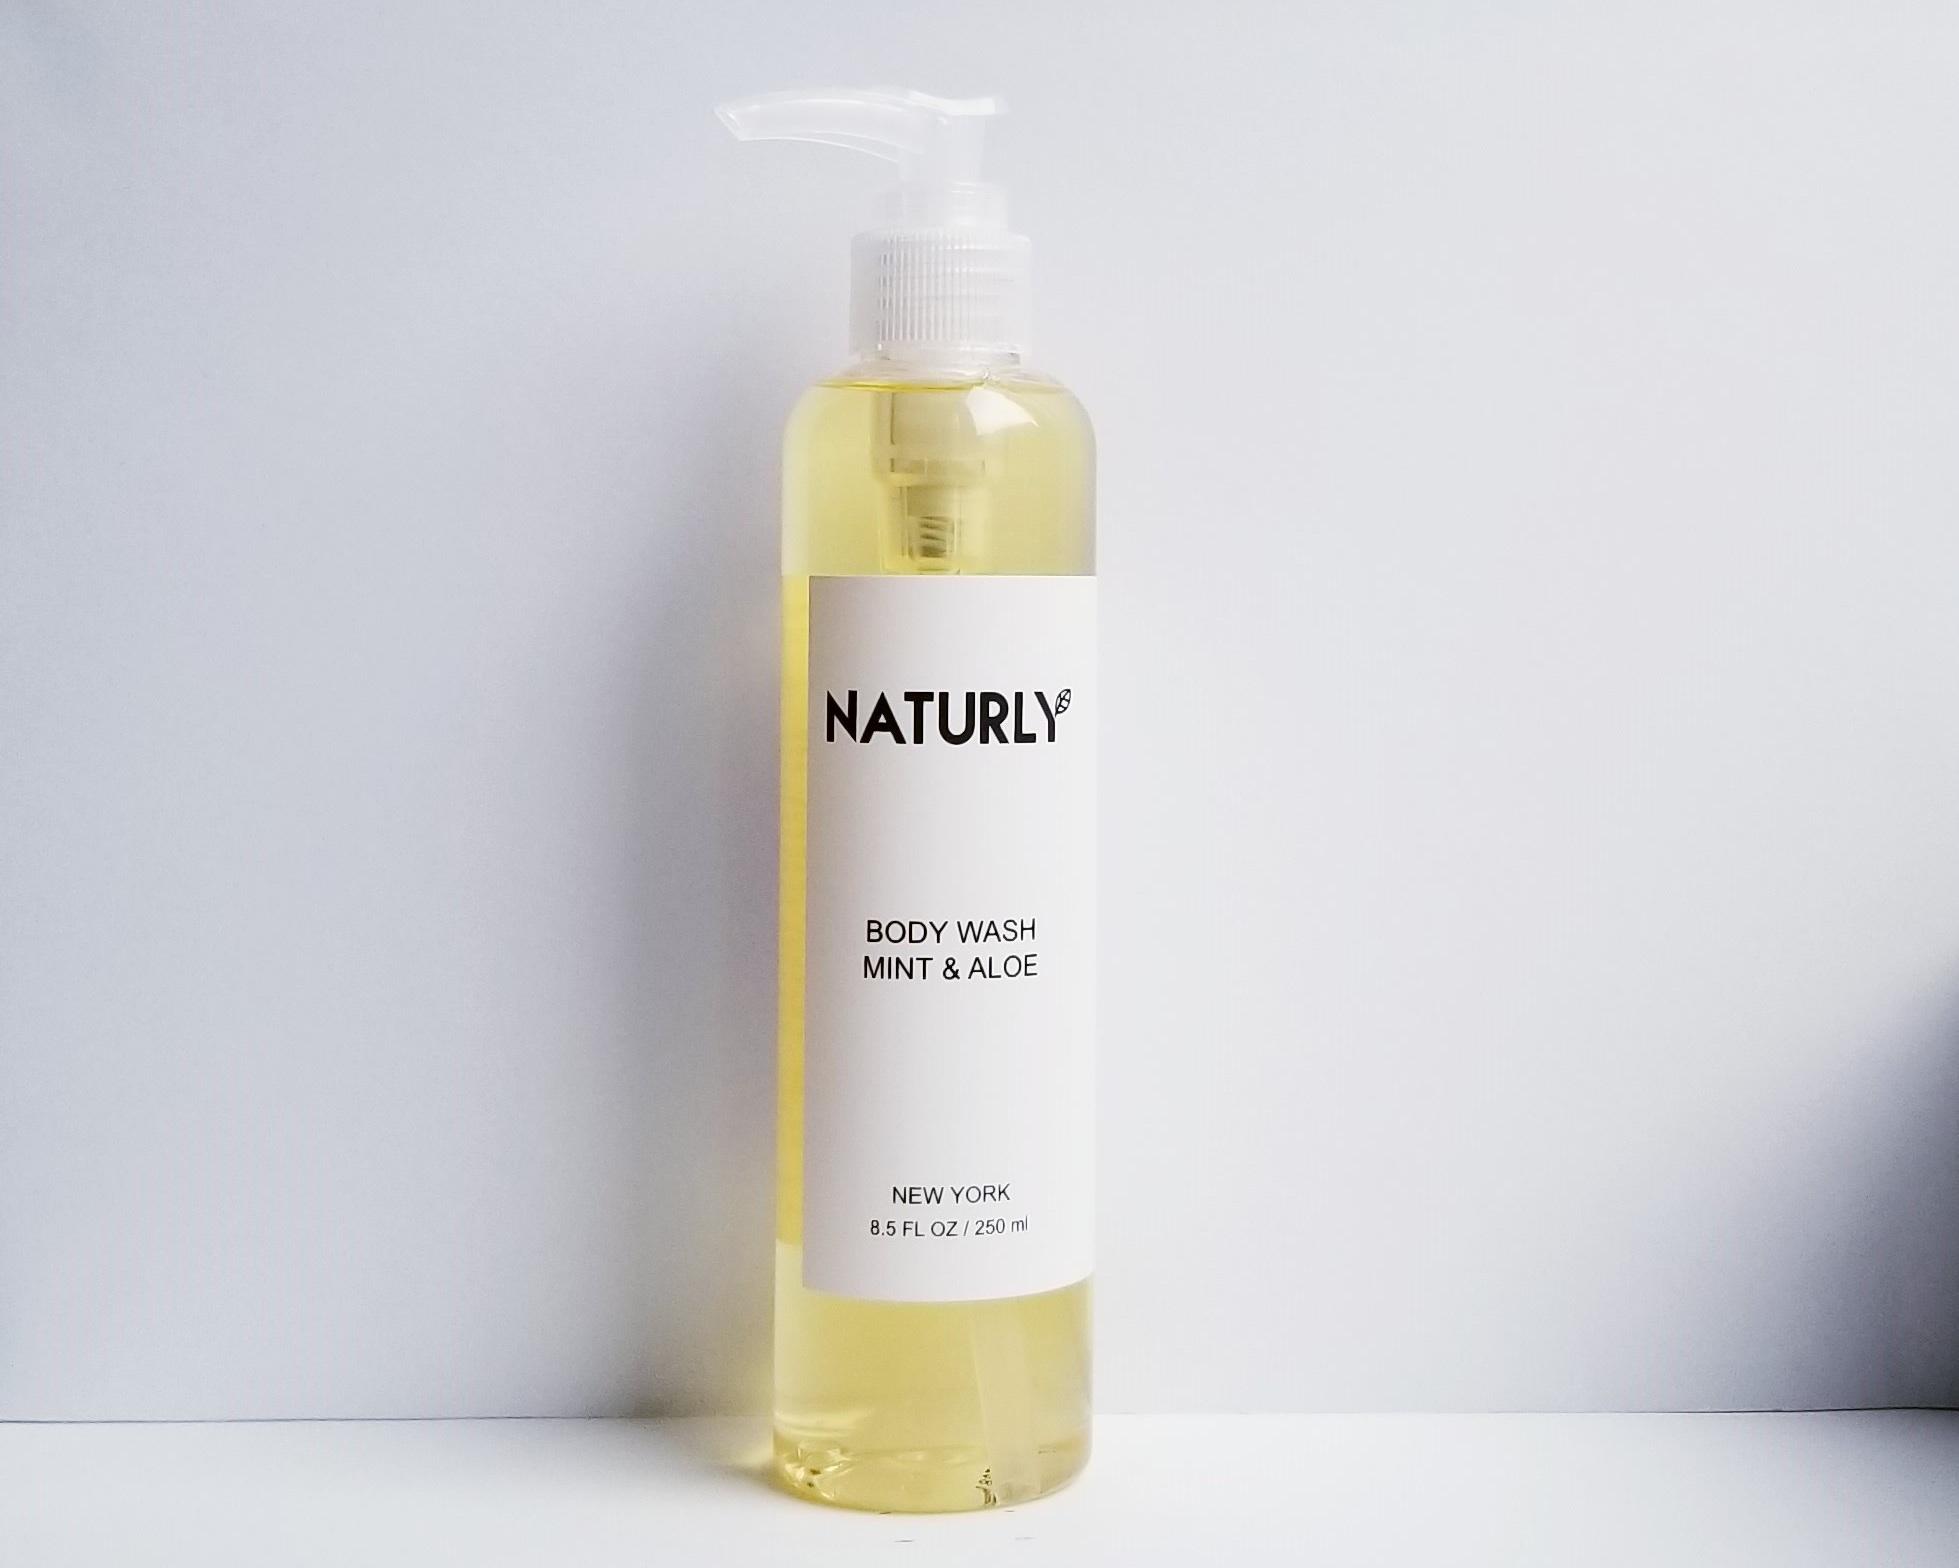 Body Wash with spearmint oil, aloe vera, anti-oxidant vitamin E - $28